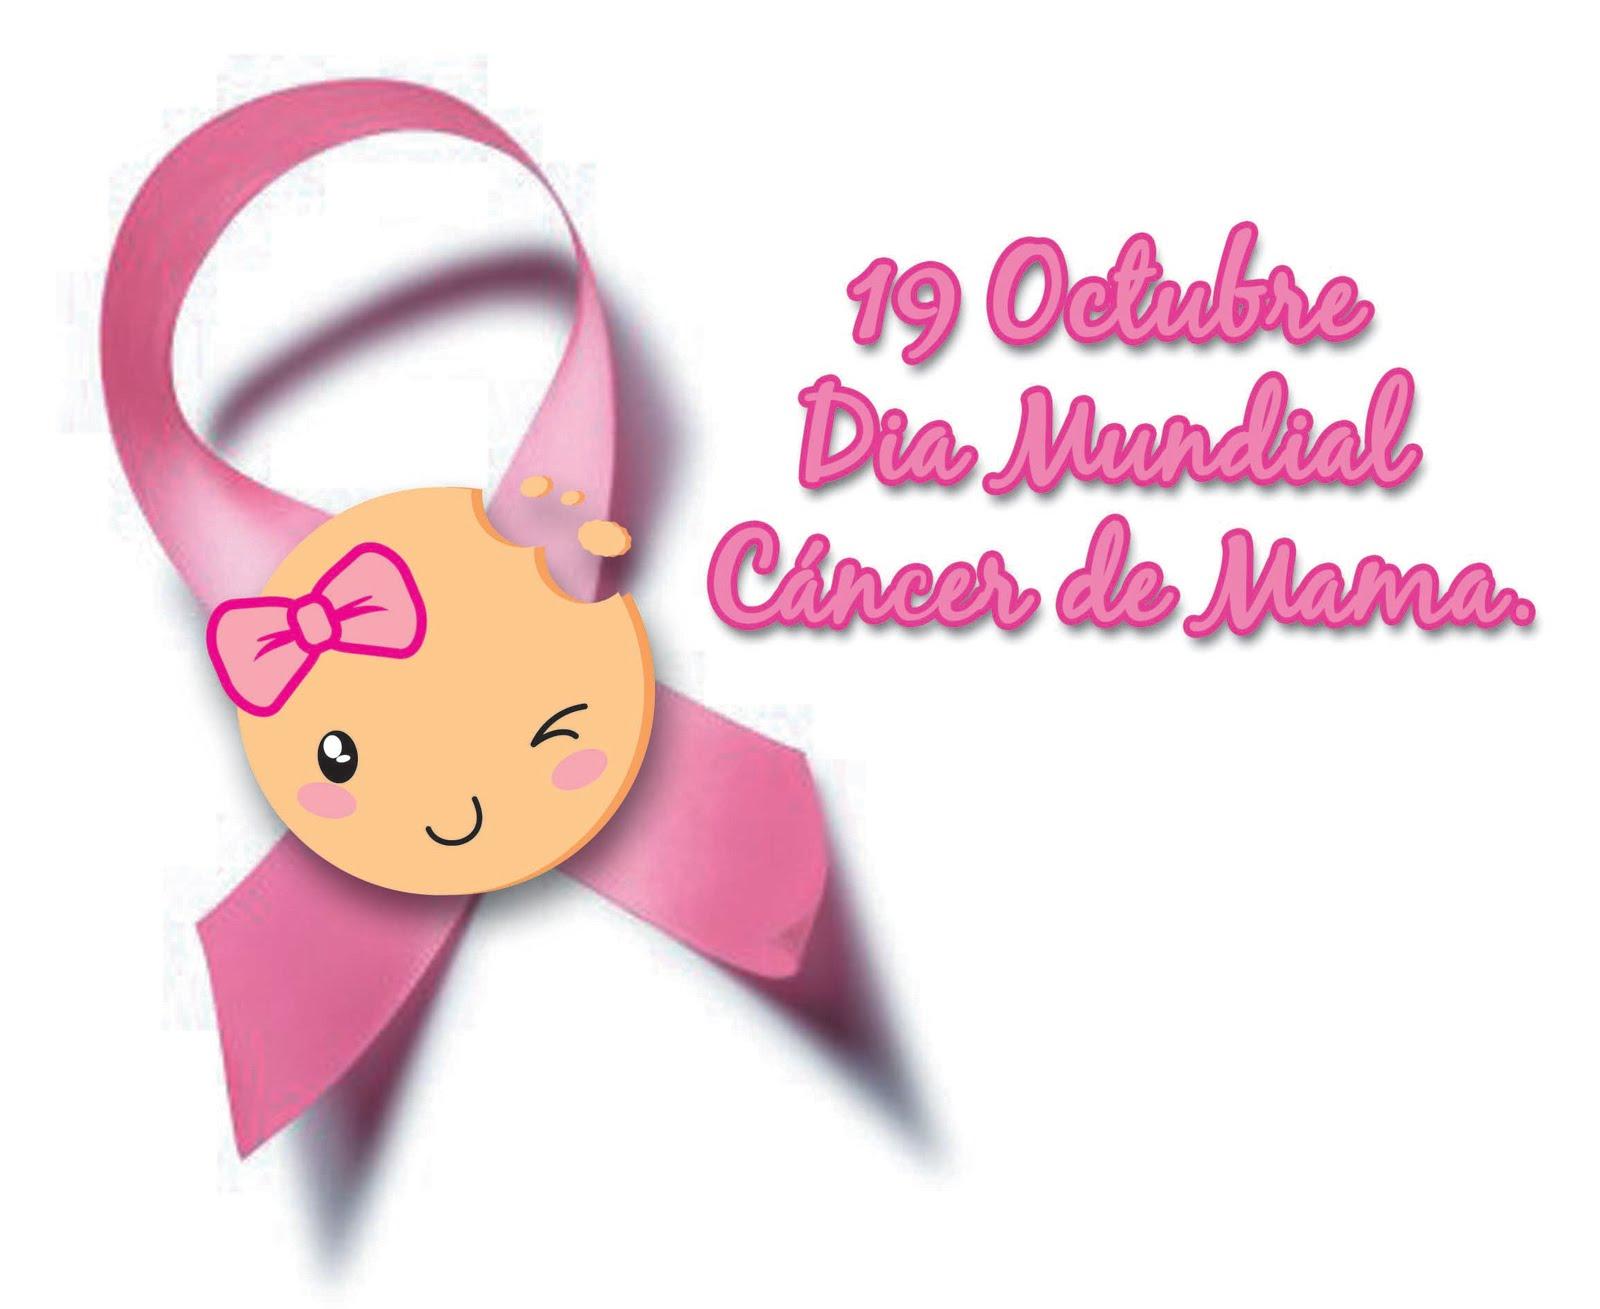 Artigo cancer de mama